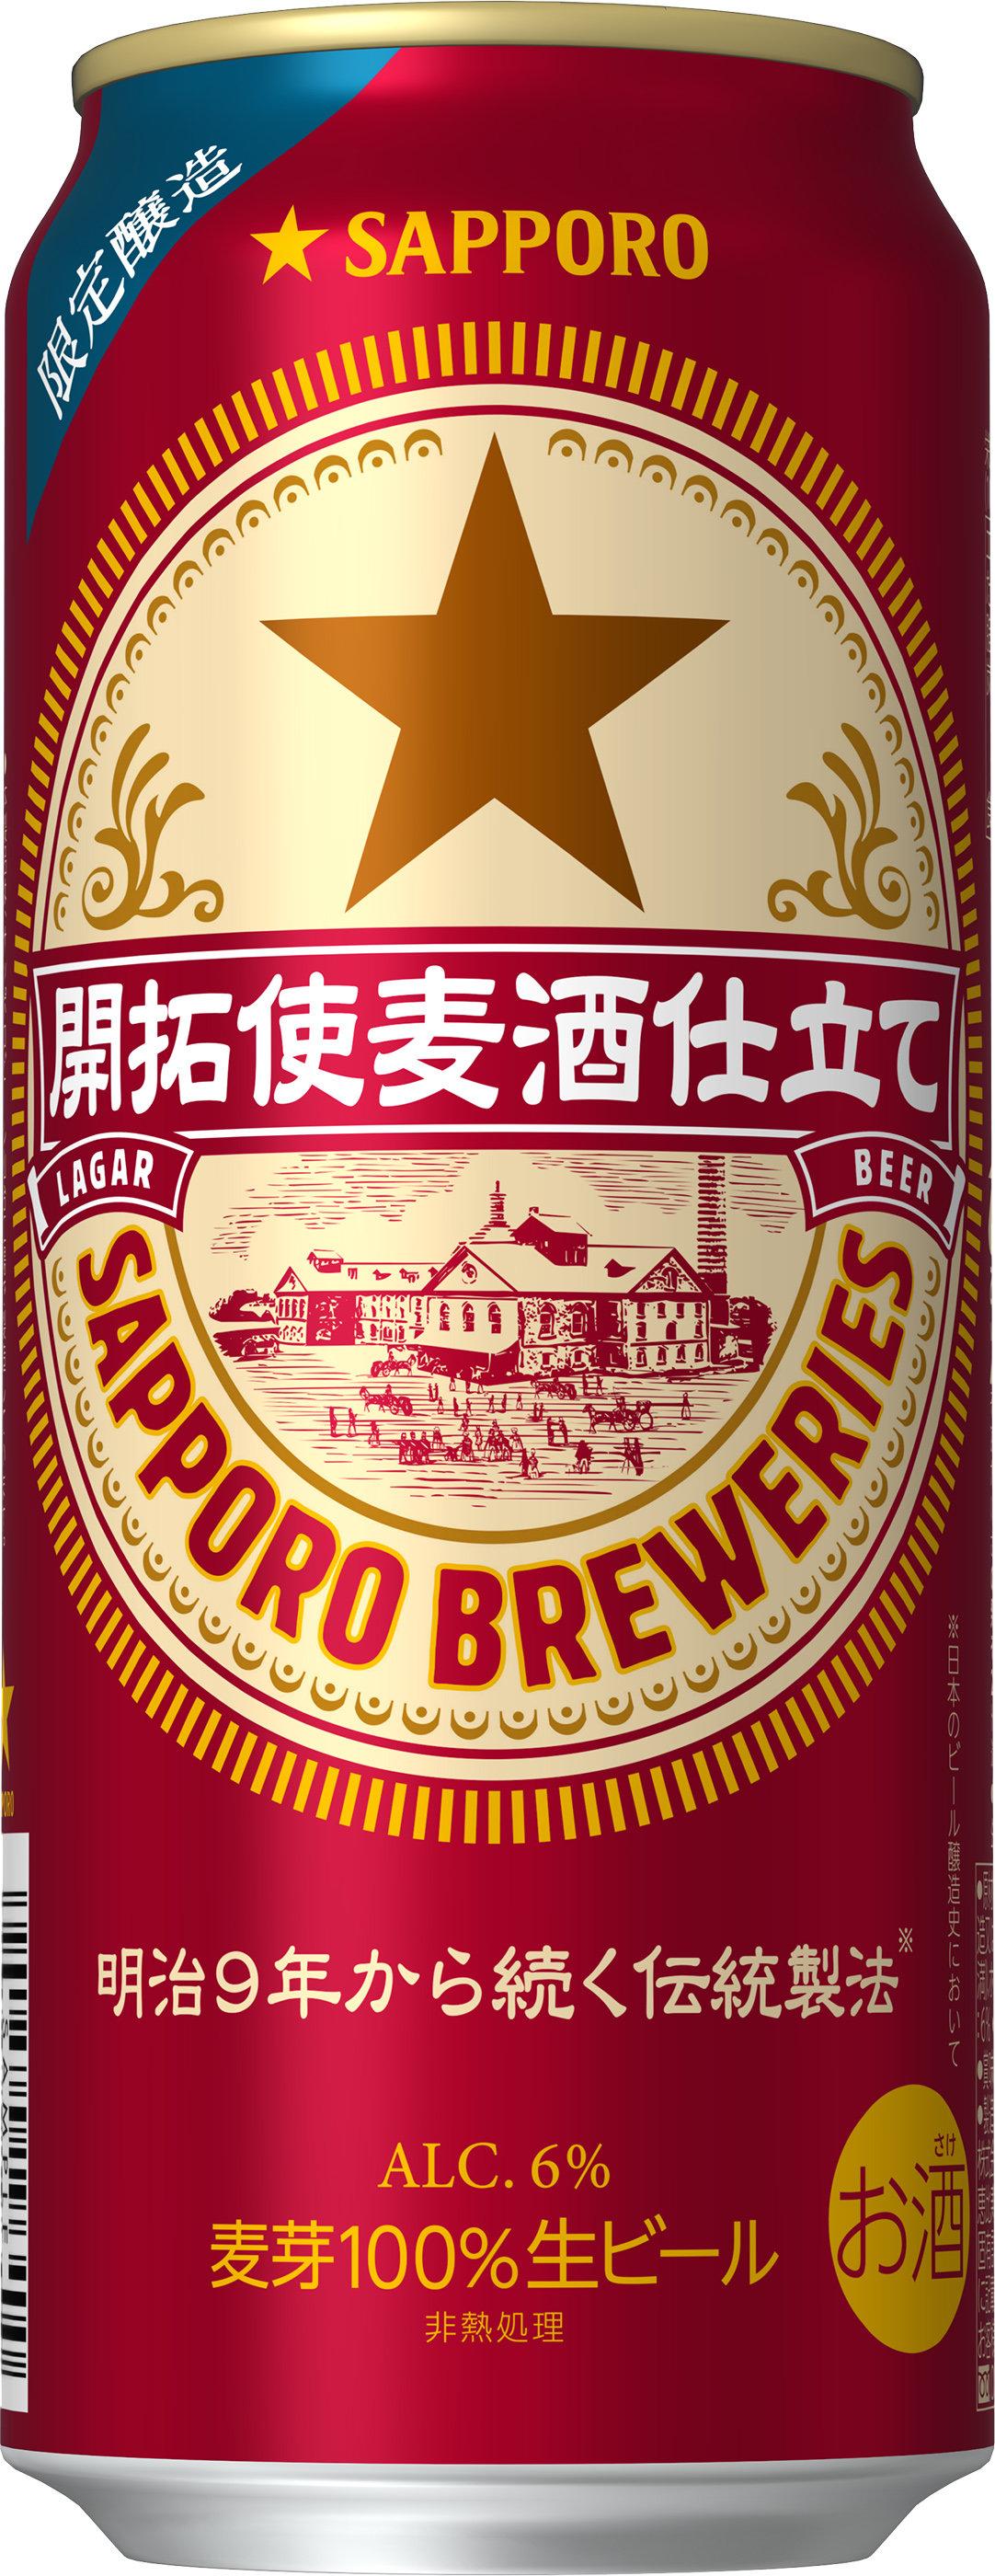 麦酒 使 サッポロ 仕立て 開拓 サッポロ 『開拓使麦酒仕立て』に思ふ|ORANGE|note